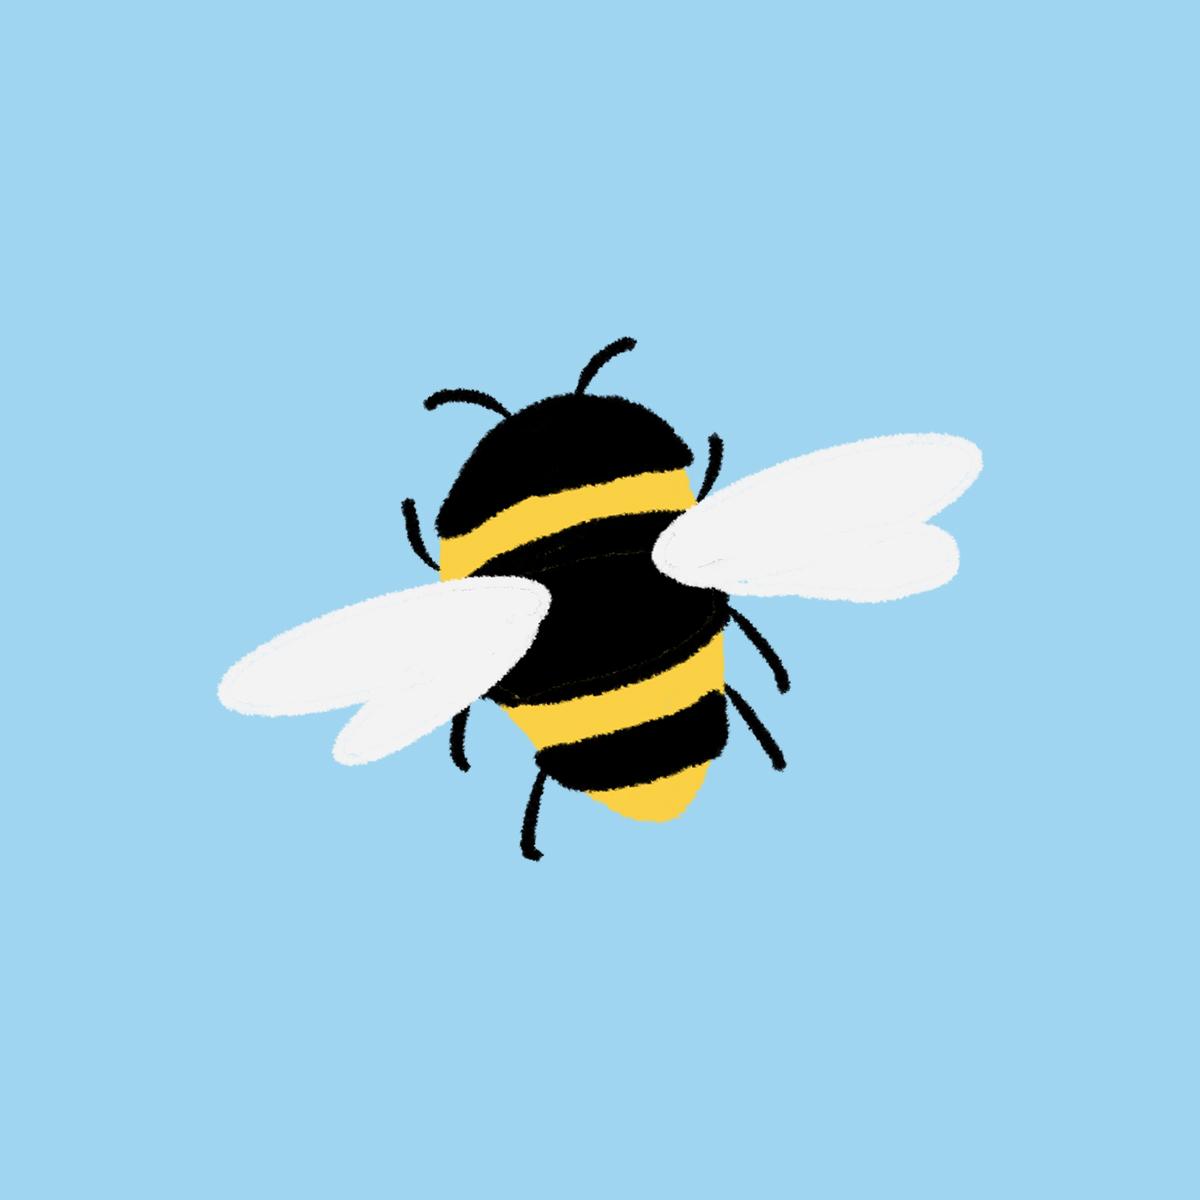 Doodle_Bumblebee.jpg